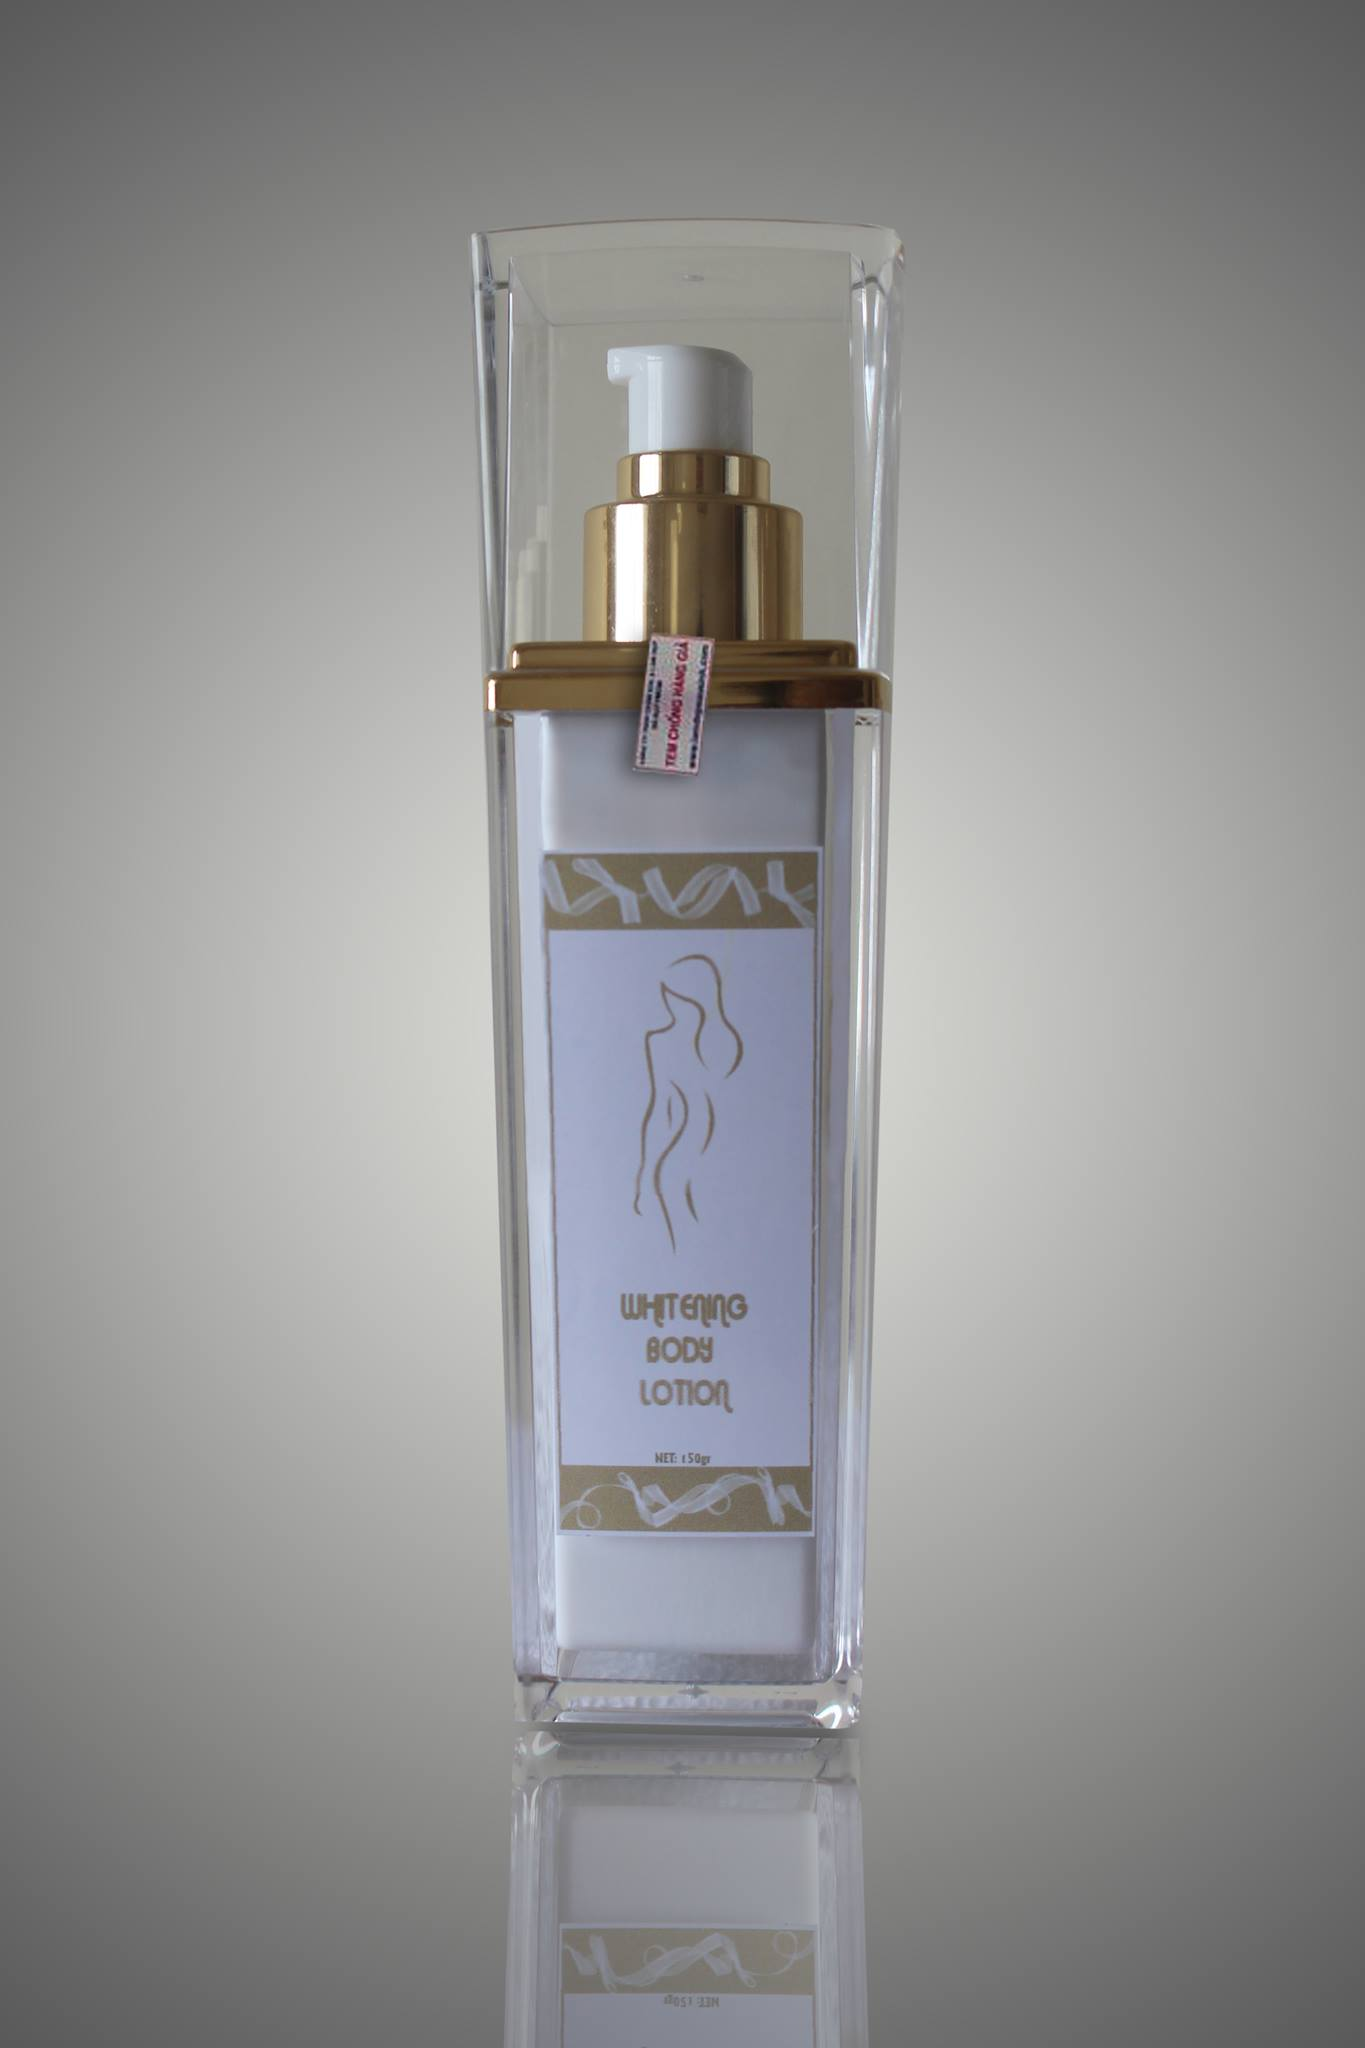 Whitening body lotion - Sữa dưỡng thể trắng da